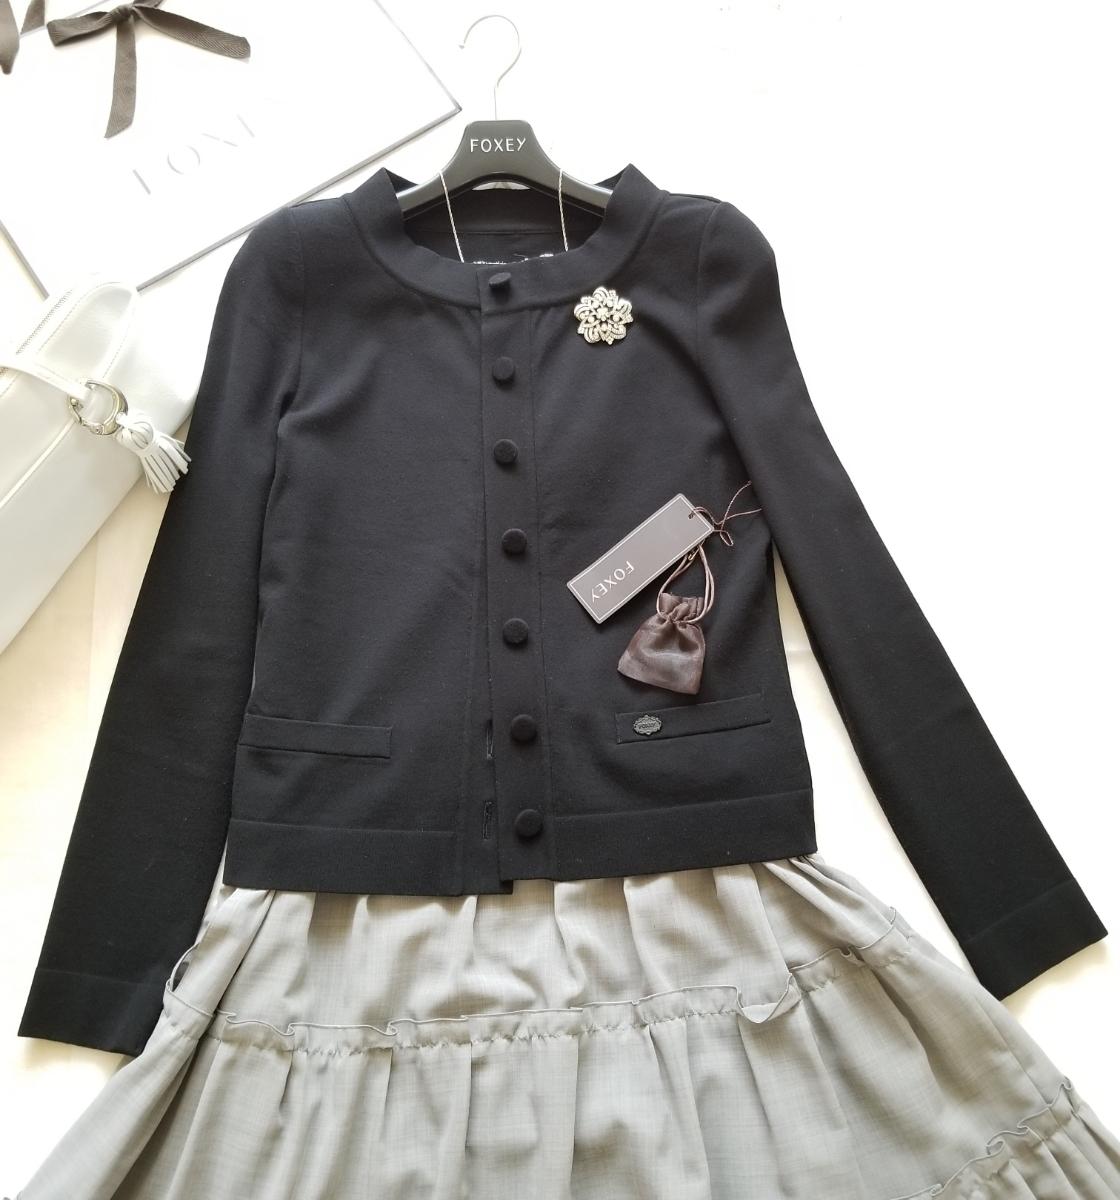 FOXEY 40【Cardigan Lady Compact】ブラックブラック 2018年商品 程よい立襟が着痩せ効果抜群な万能カーディガン ワンピースに_画像3